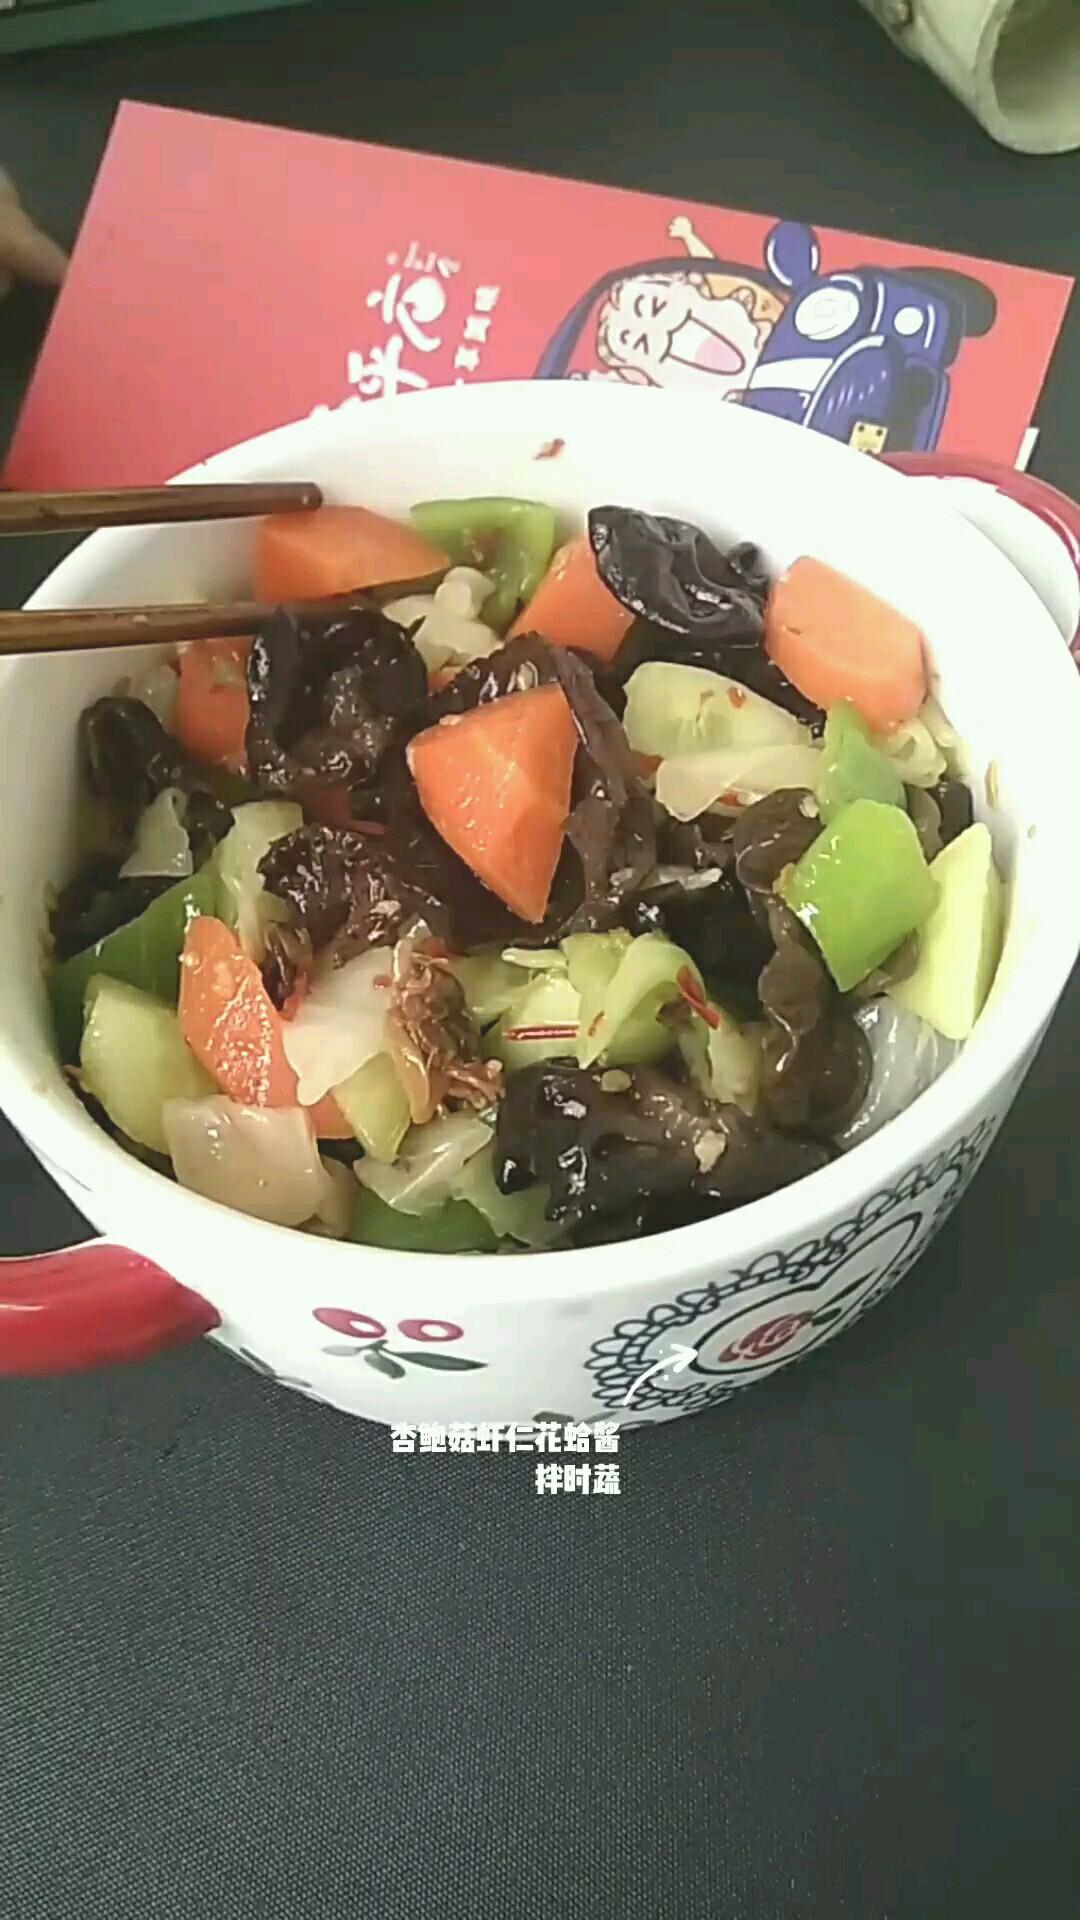 杏鲍菇虾仁花蛤酱拌时蔬